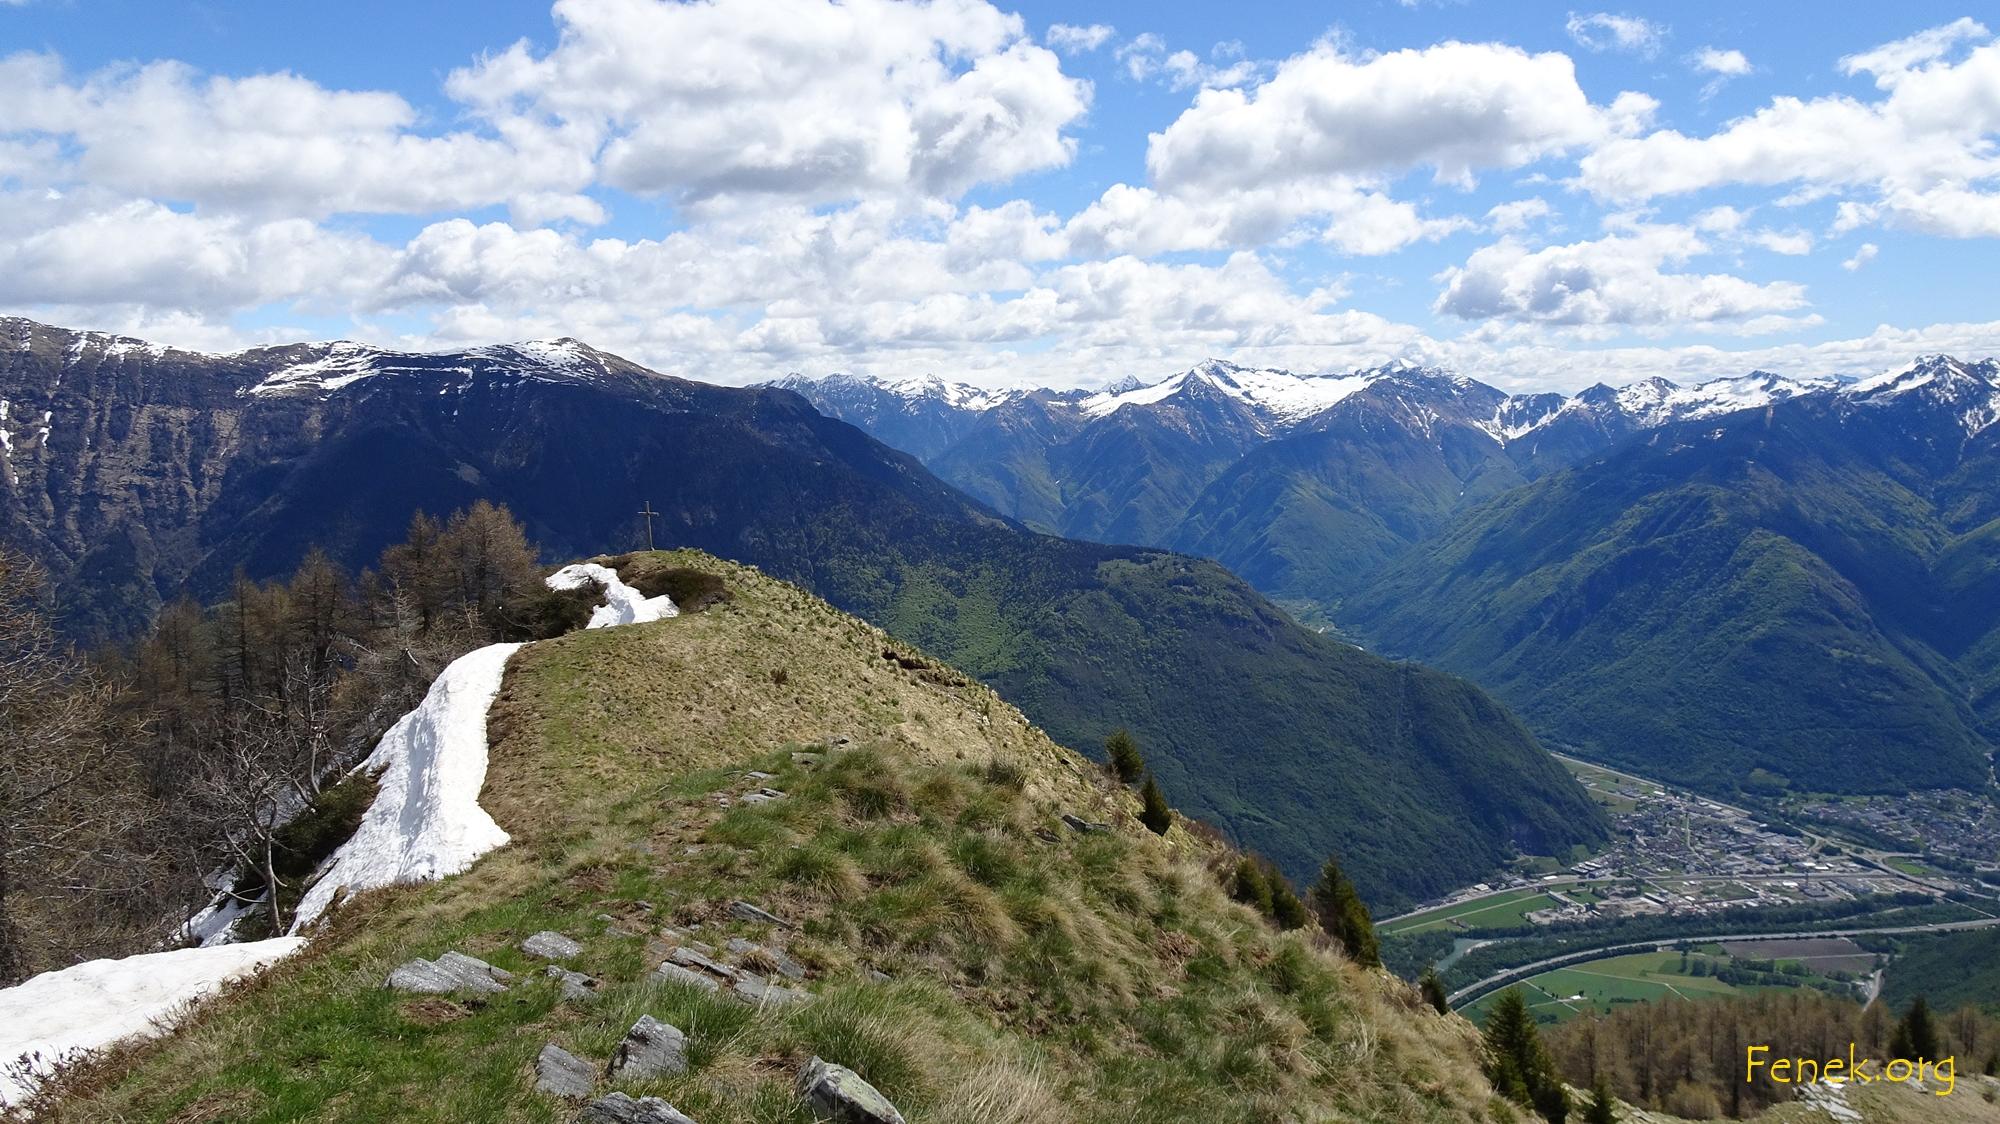 Tiefblick Richtung Bellinzona